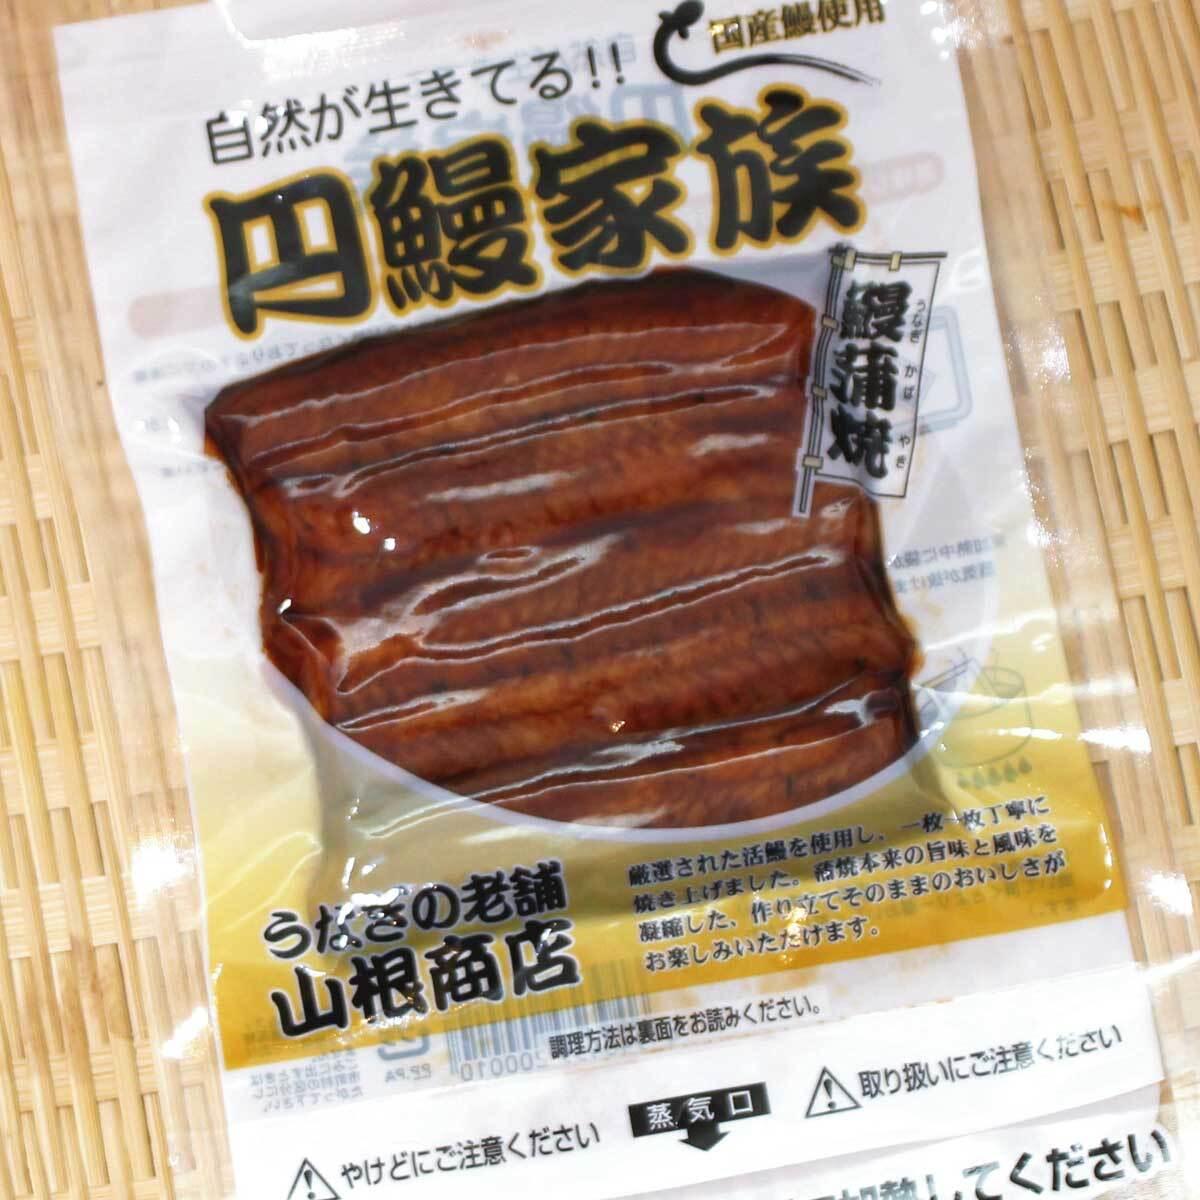 円鰻家族【大】キャンペーン価格